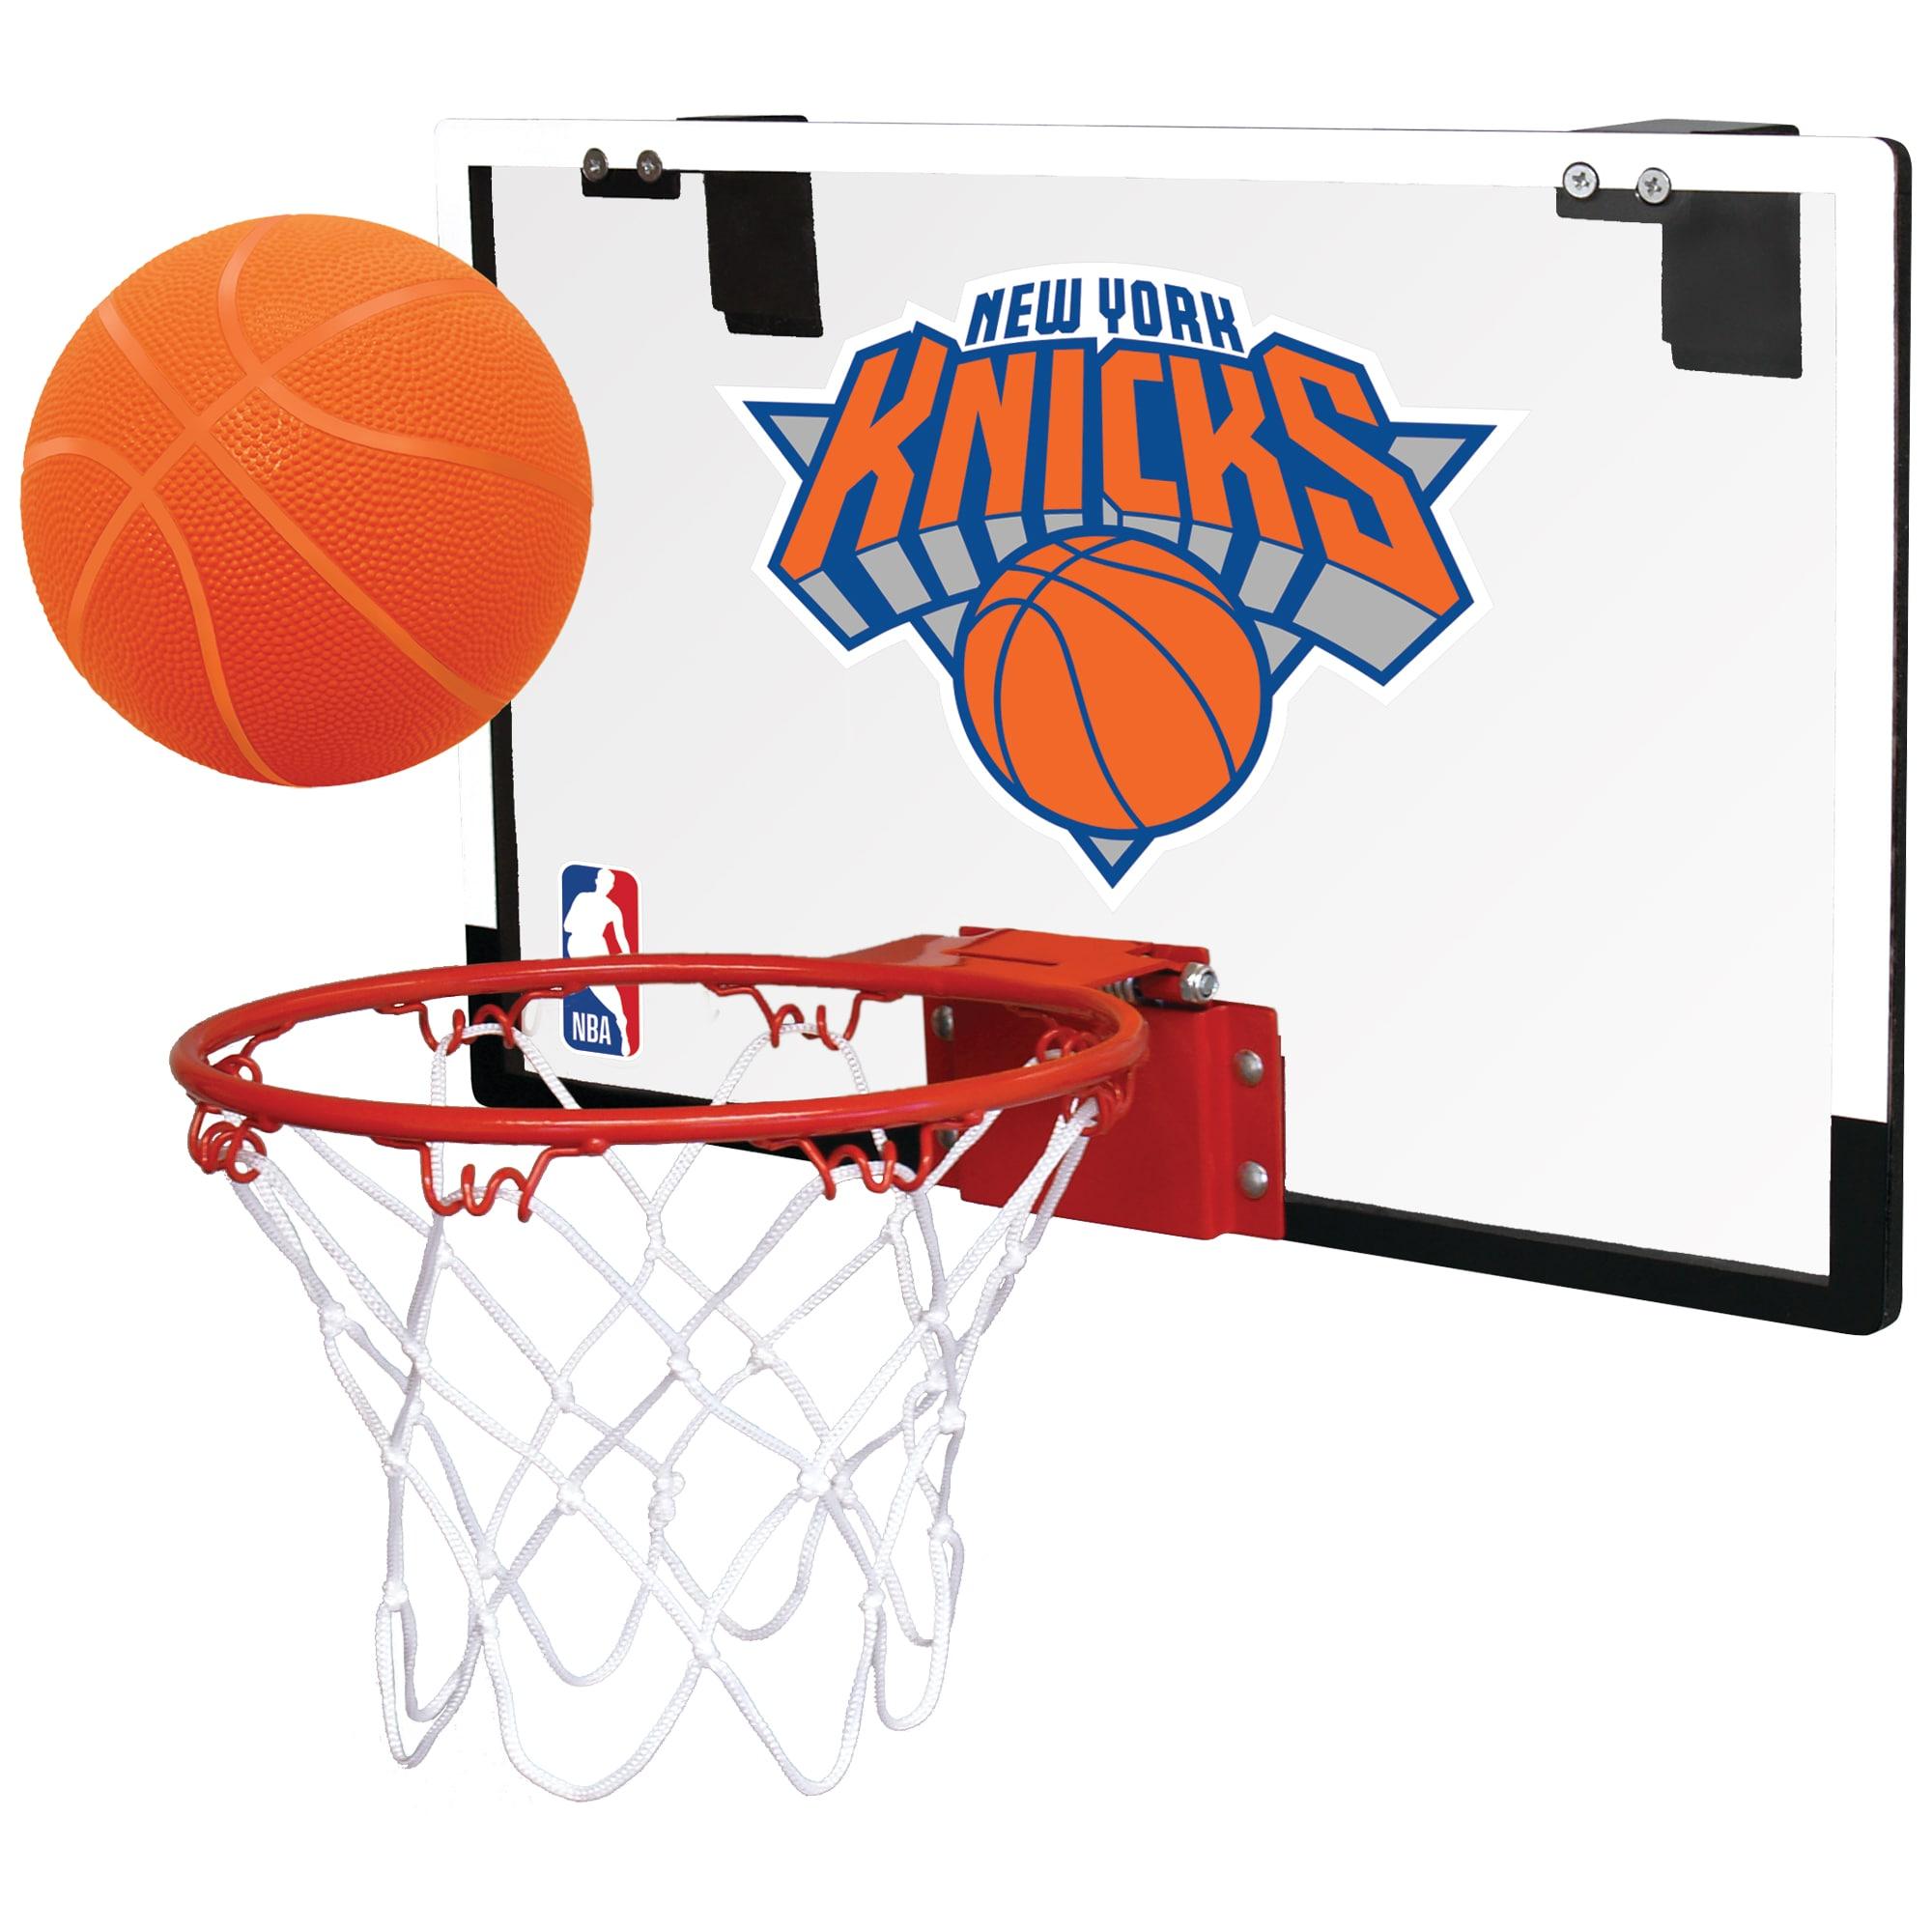 New York Knicks Rawlings NBA Polycarbonate Hoop Set